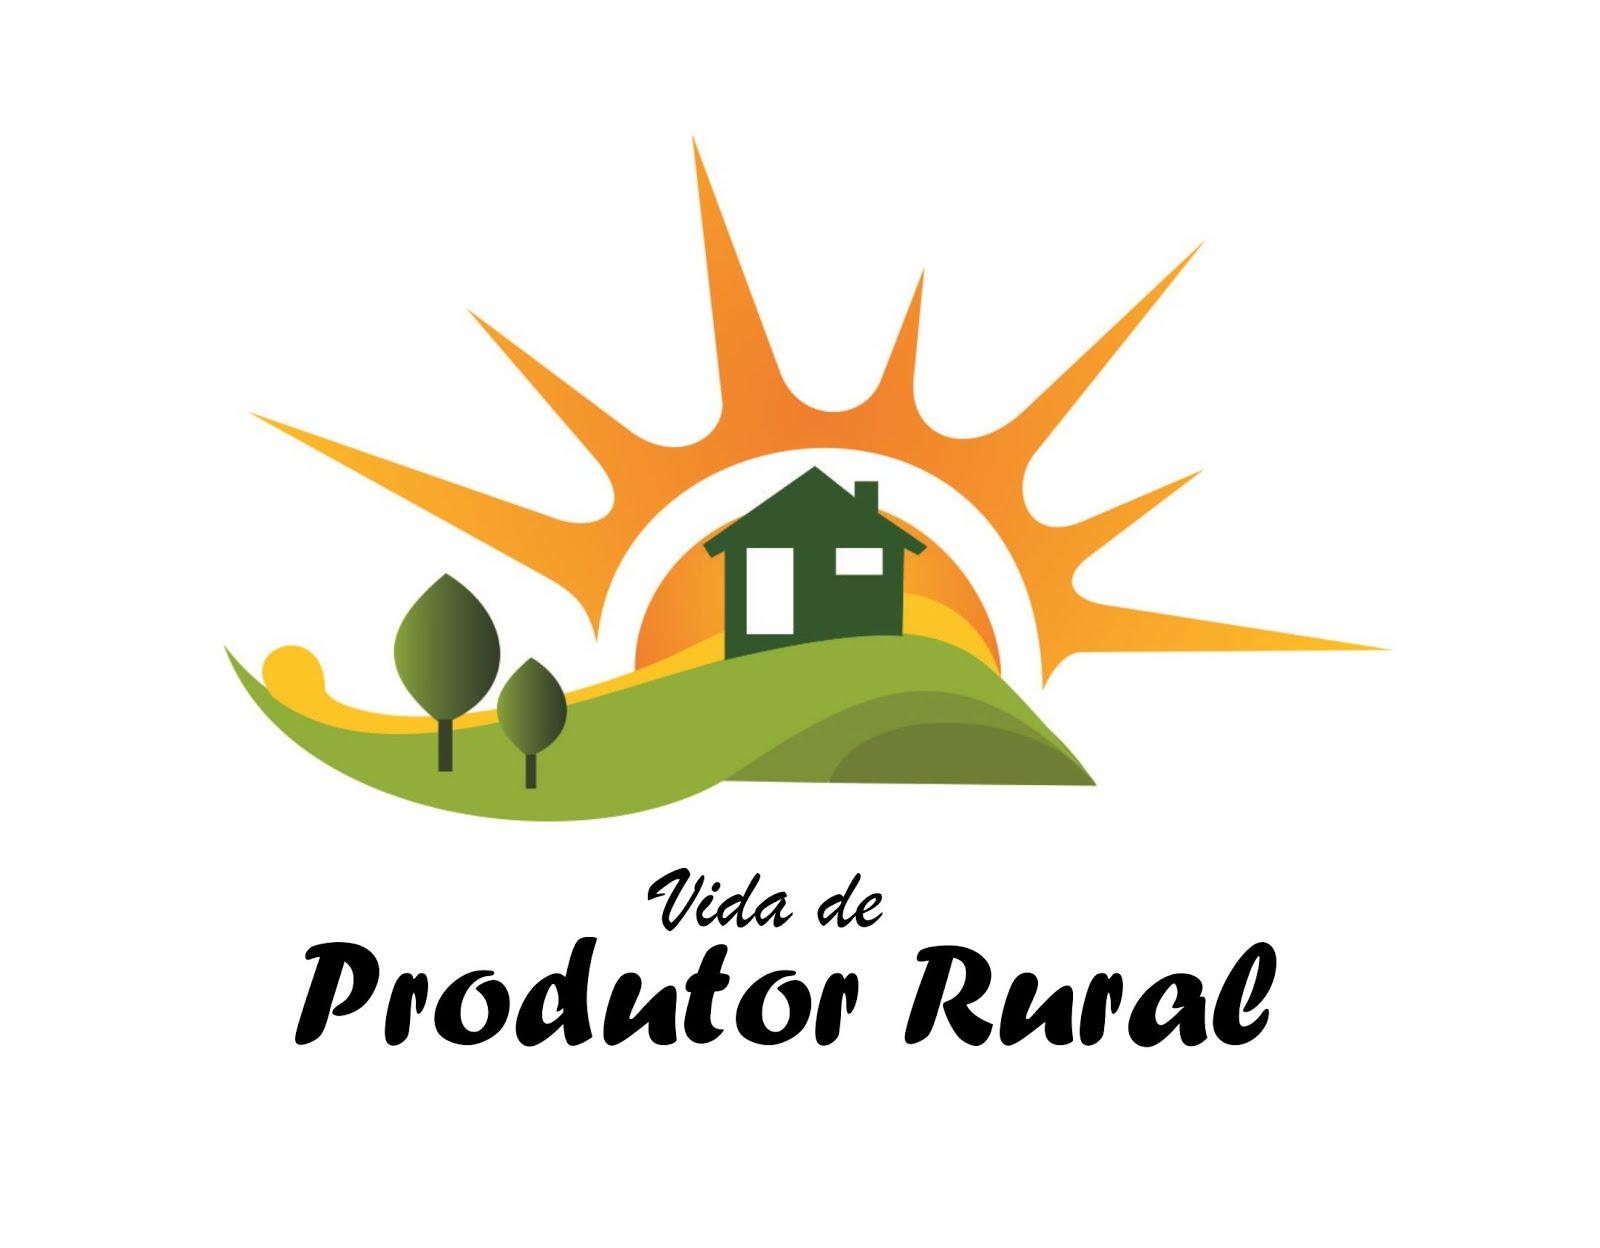 Vida de Produtor Rural